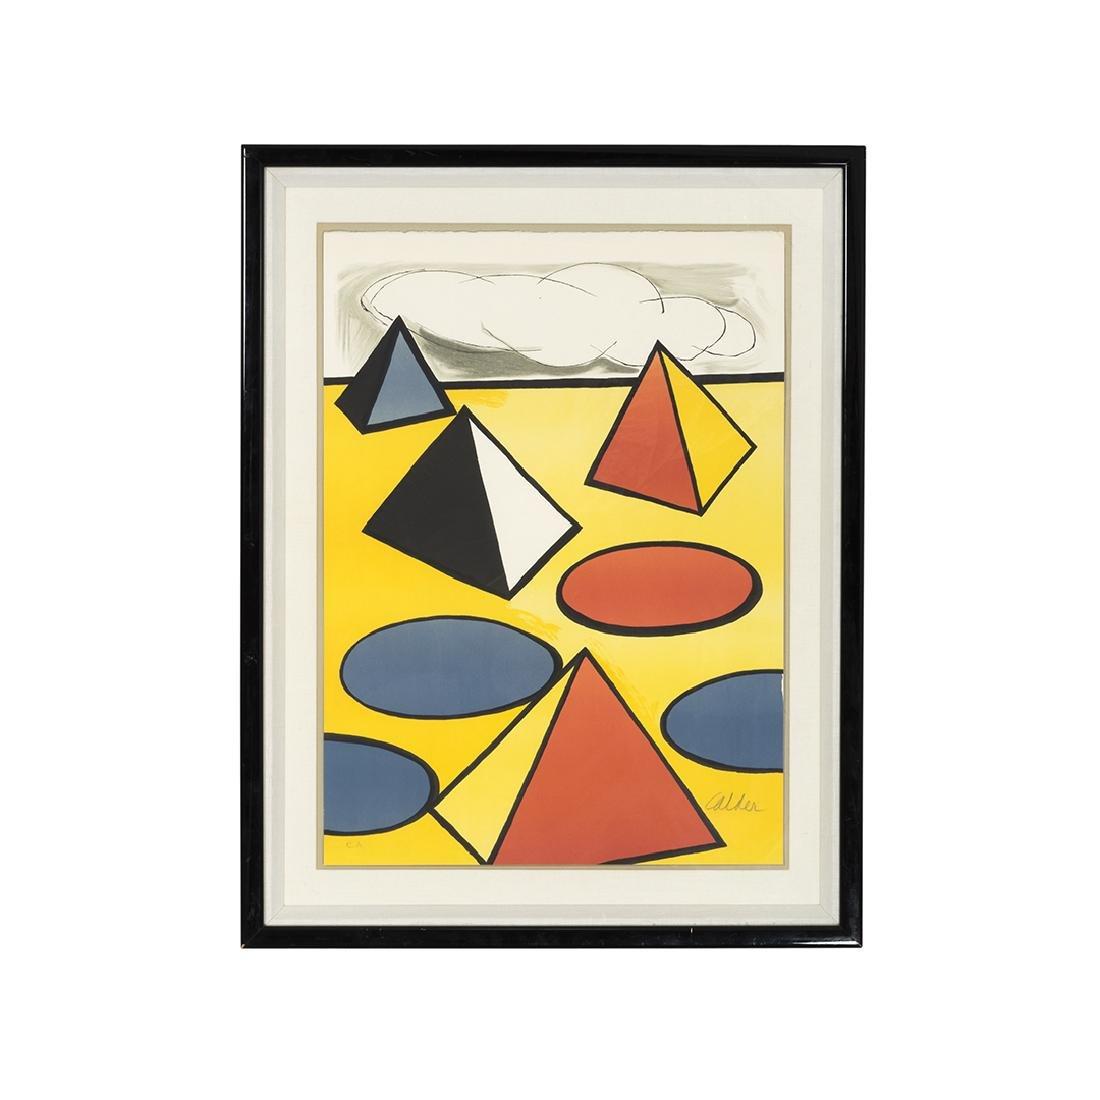 Alexander Calder Homage to the Pyramids